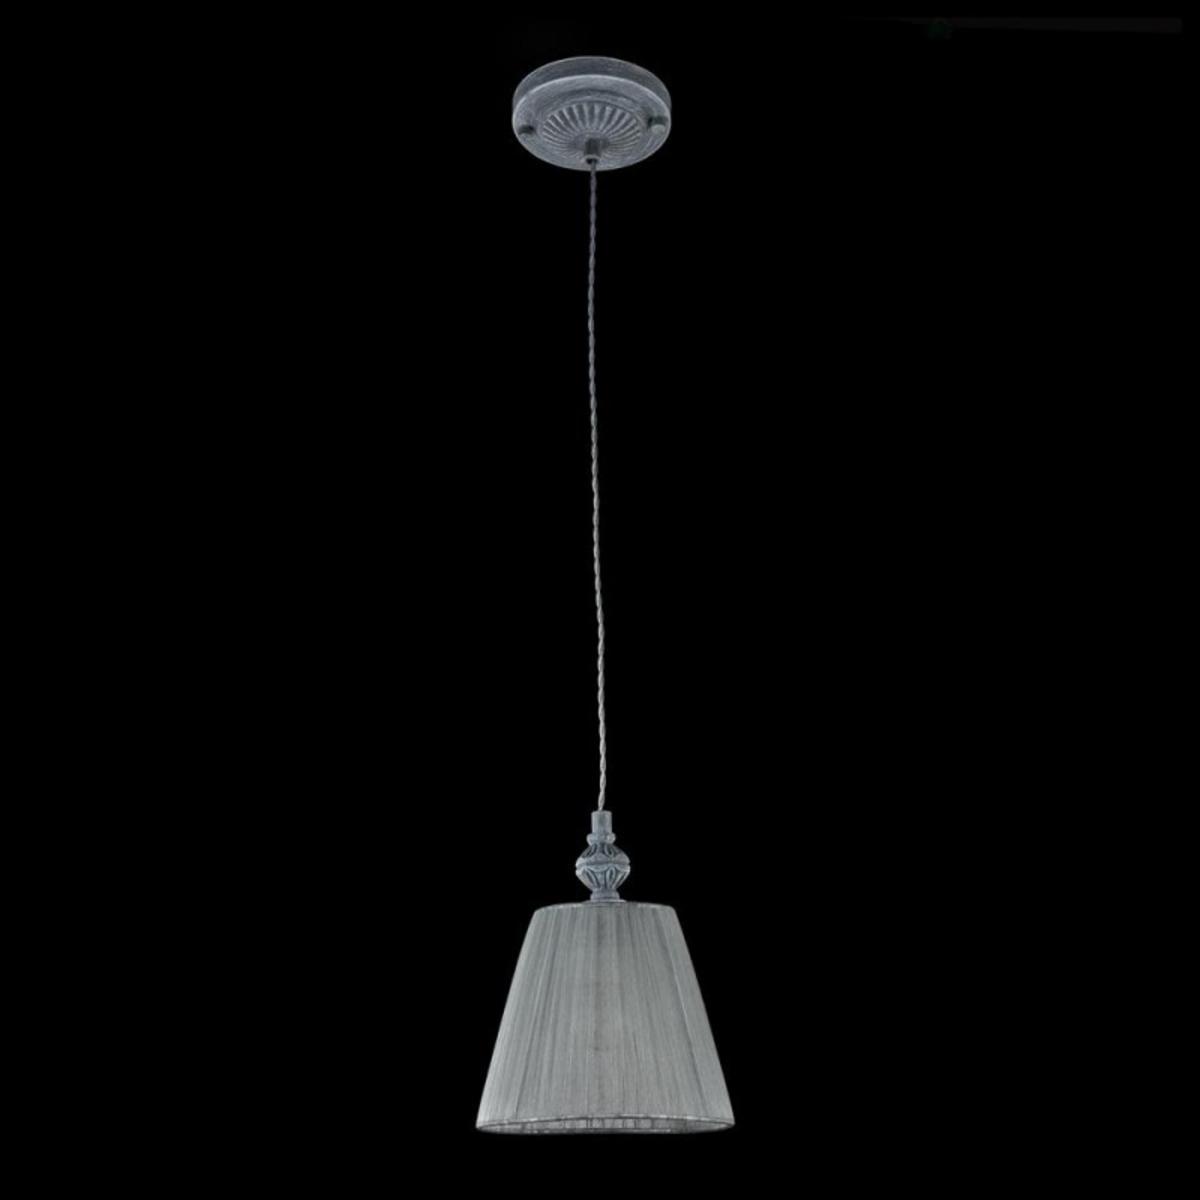 Купить Подвесной светильник Elegant+ARM154 ARM154-PL-01-S, HomeMe